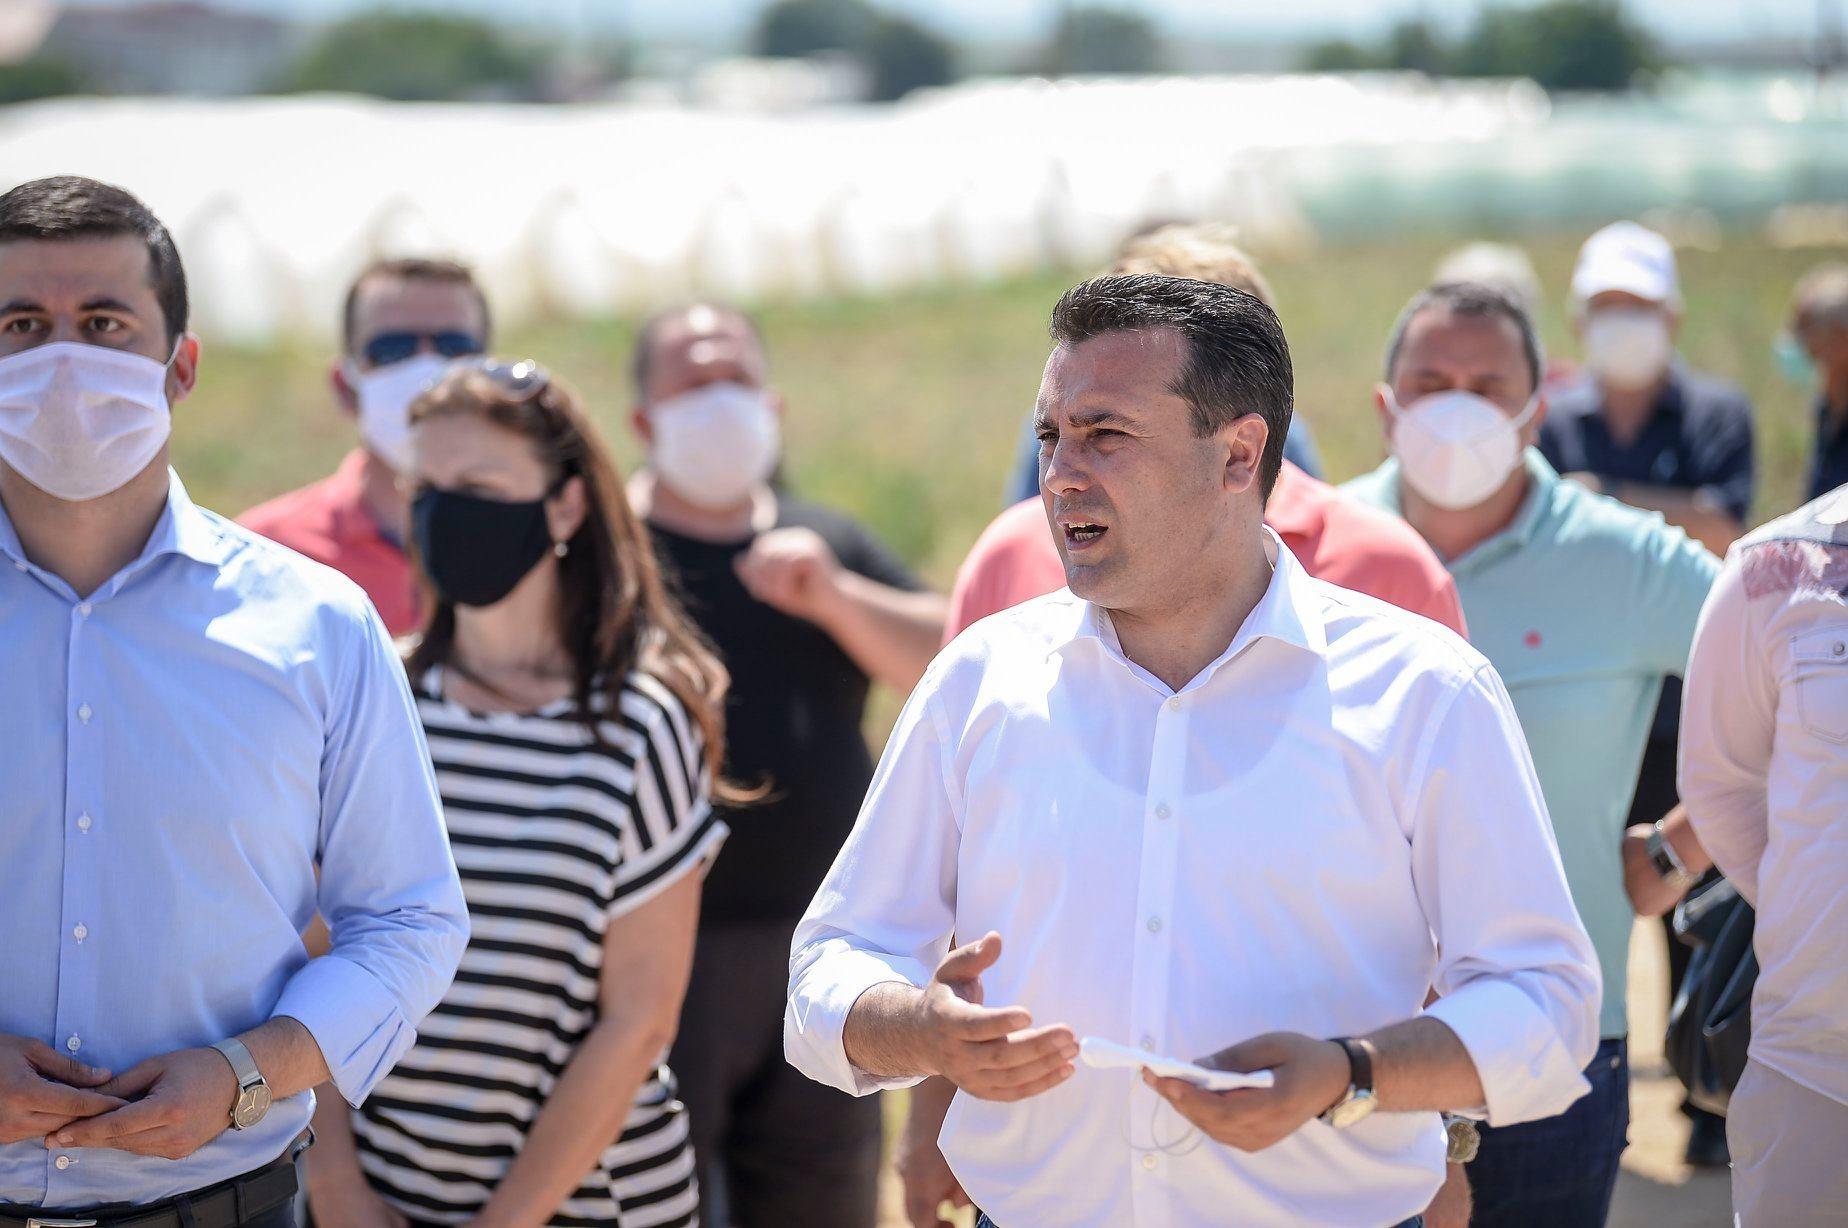 Zaev: VMRO DPMNE partiyi imar etmek için muhalefette kalacak